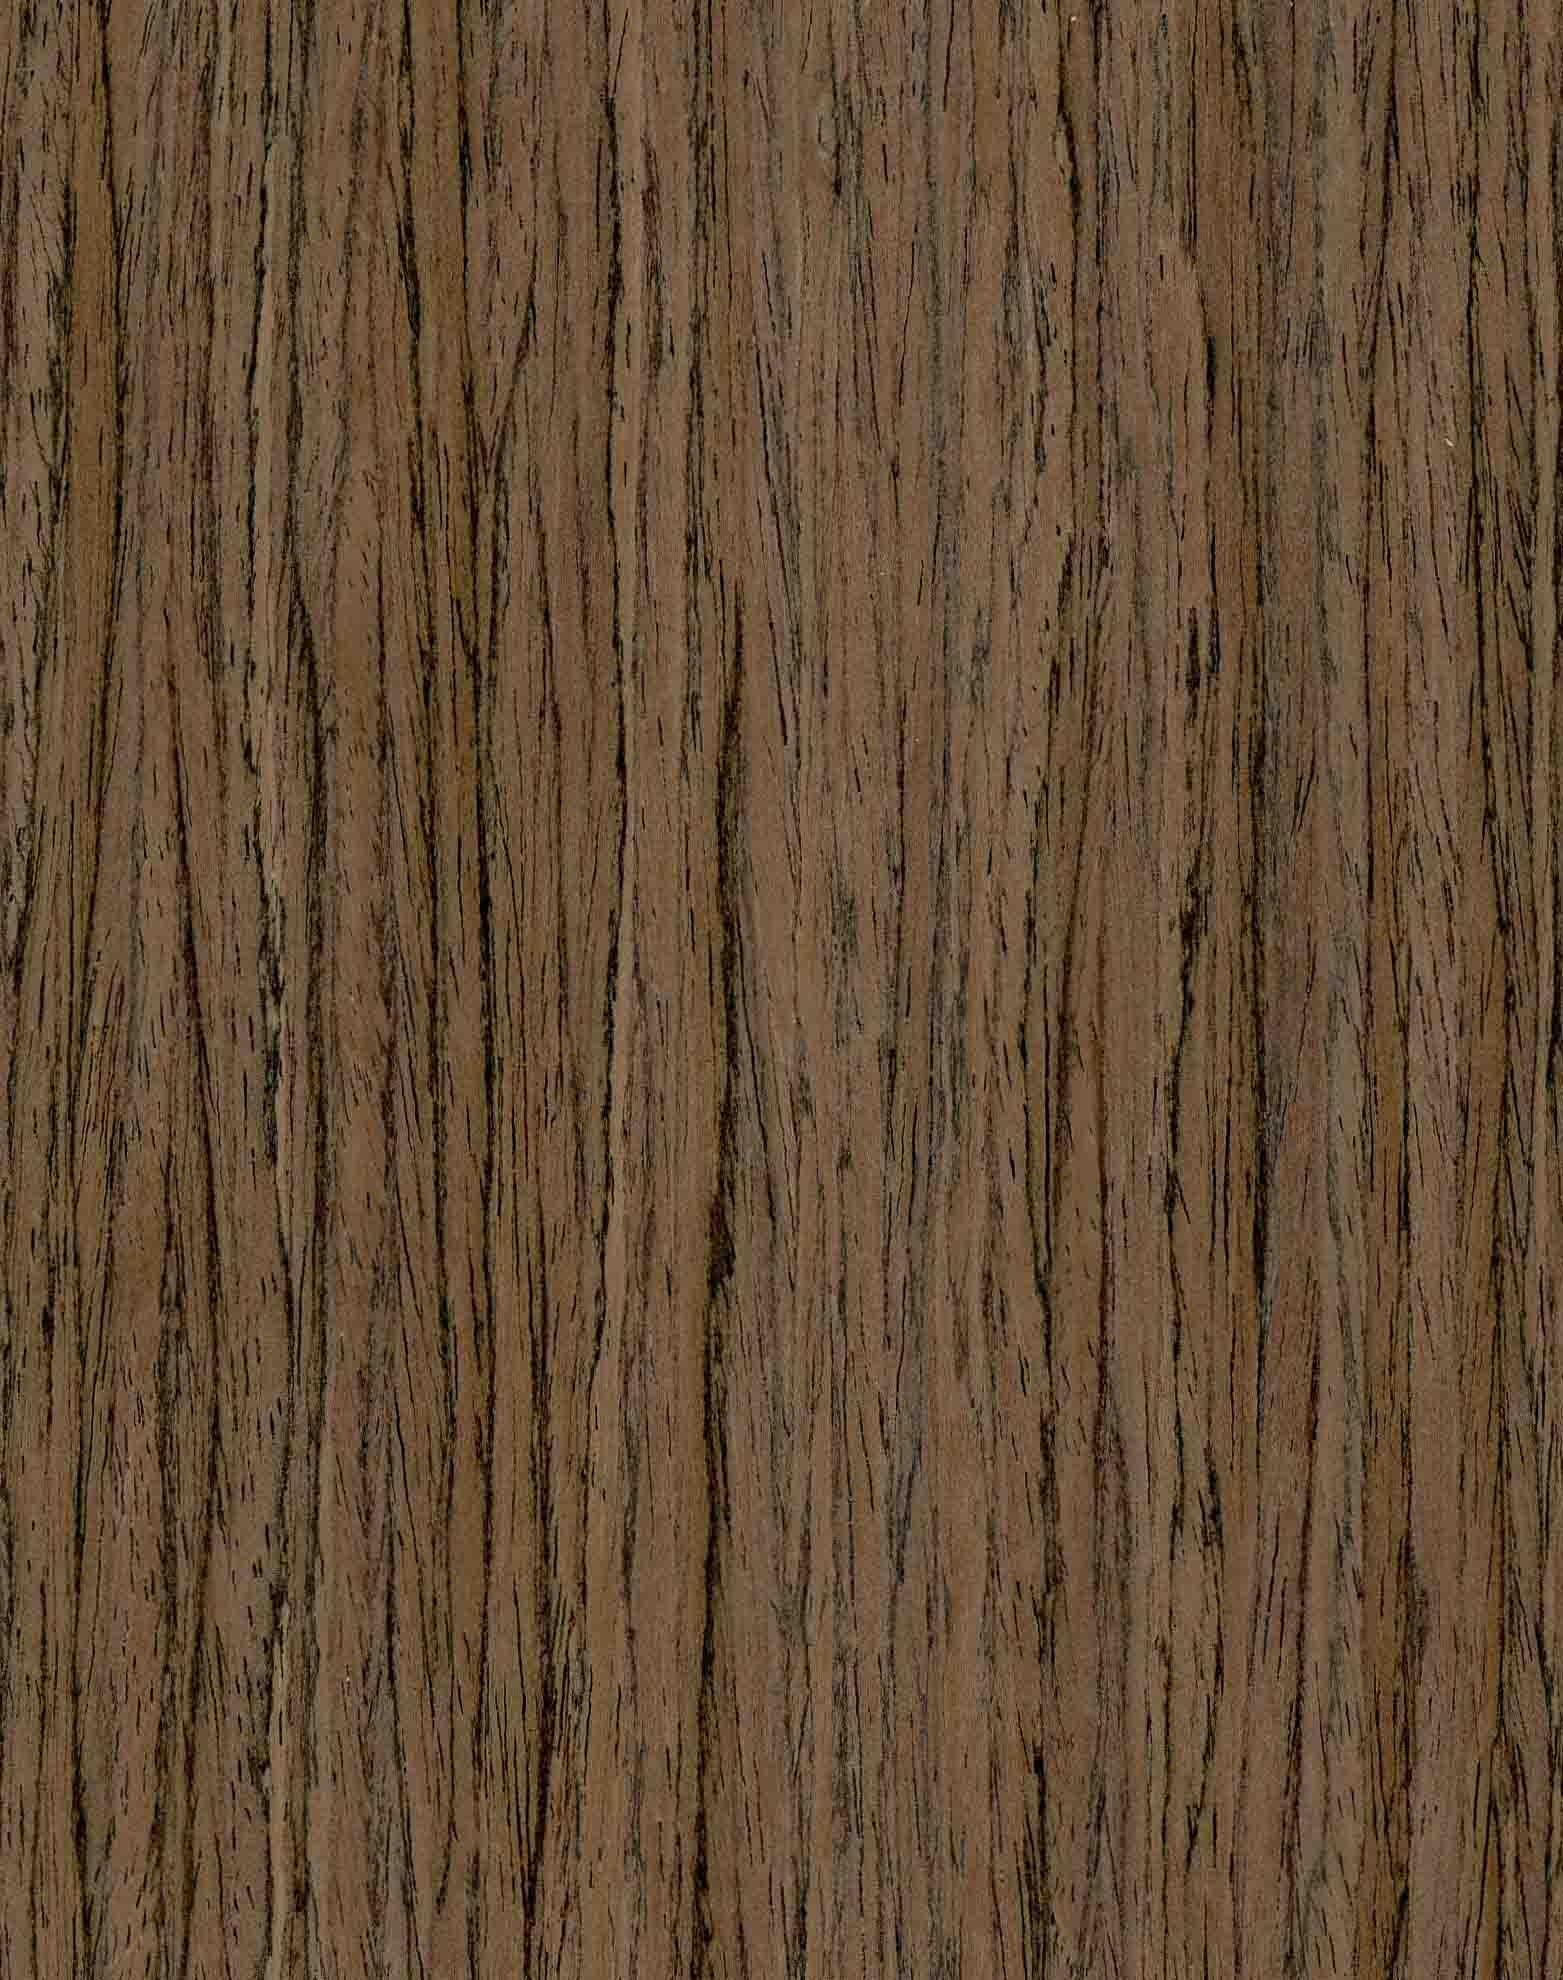 Hickory Veneer Plywood ~ Sagewood trading suppliers of fancy plywood and veneer